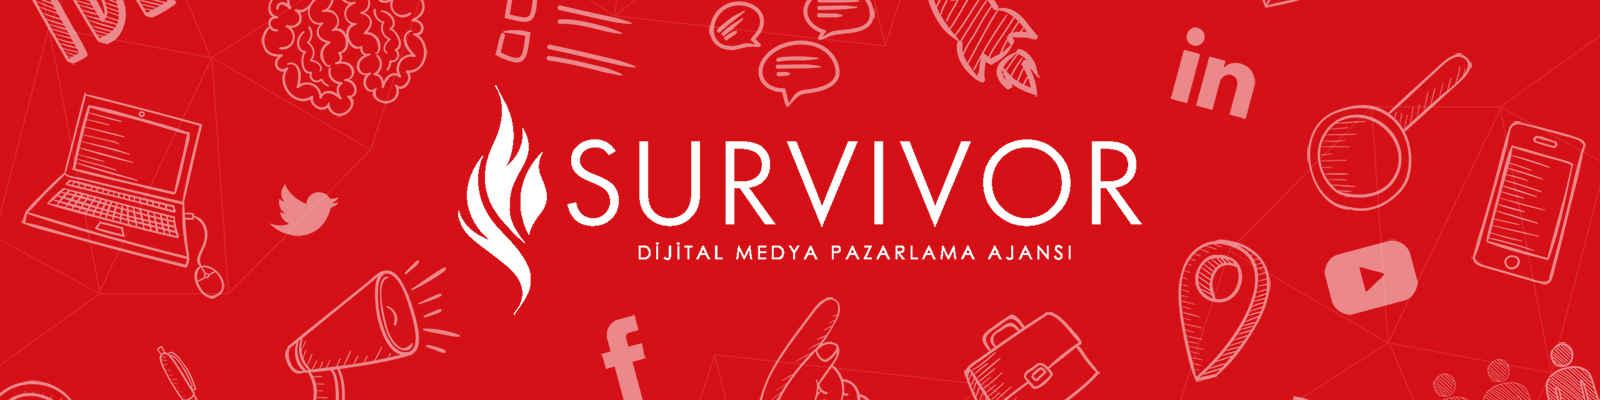 Survivor Dijital Pazarlama Ajansı banner fotograf